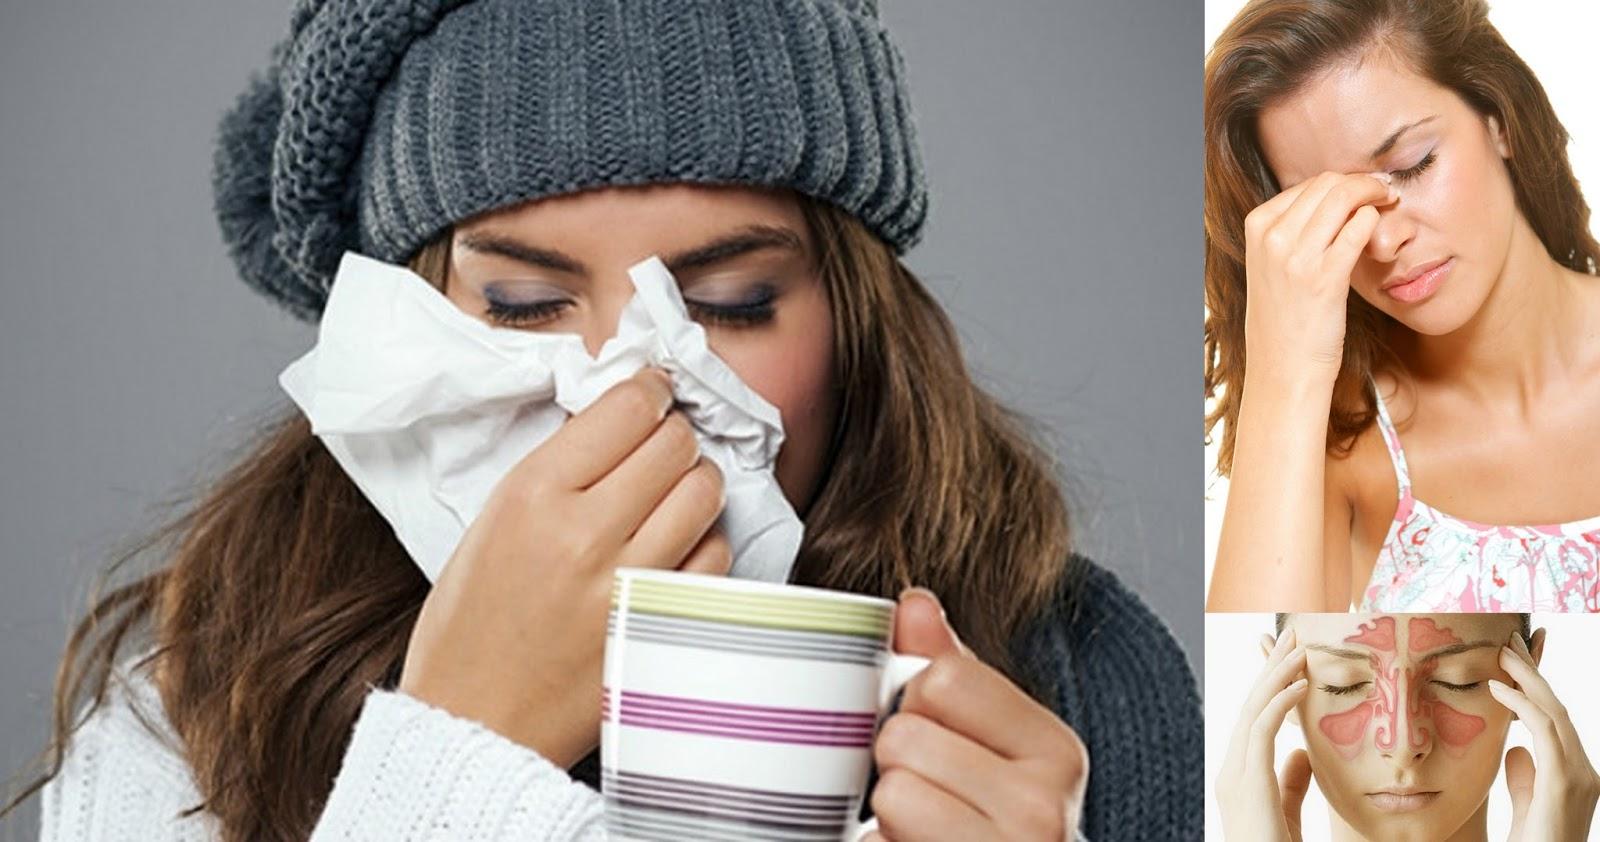 bient t l 39 hiver voici une astuce simple et efficace qui d bouche votre nez et vous soulage. Black Bedroom Furniture Sets. Home Design Ideas